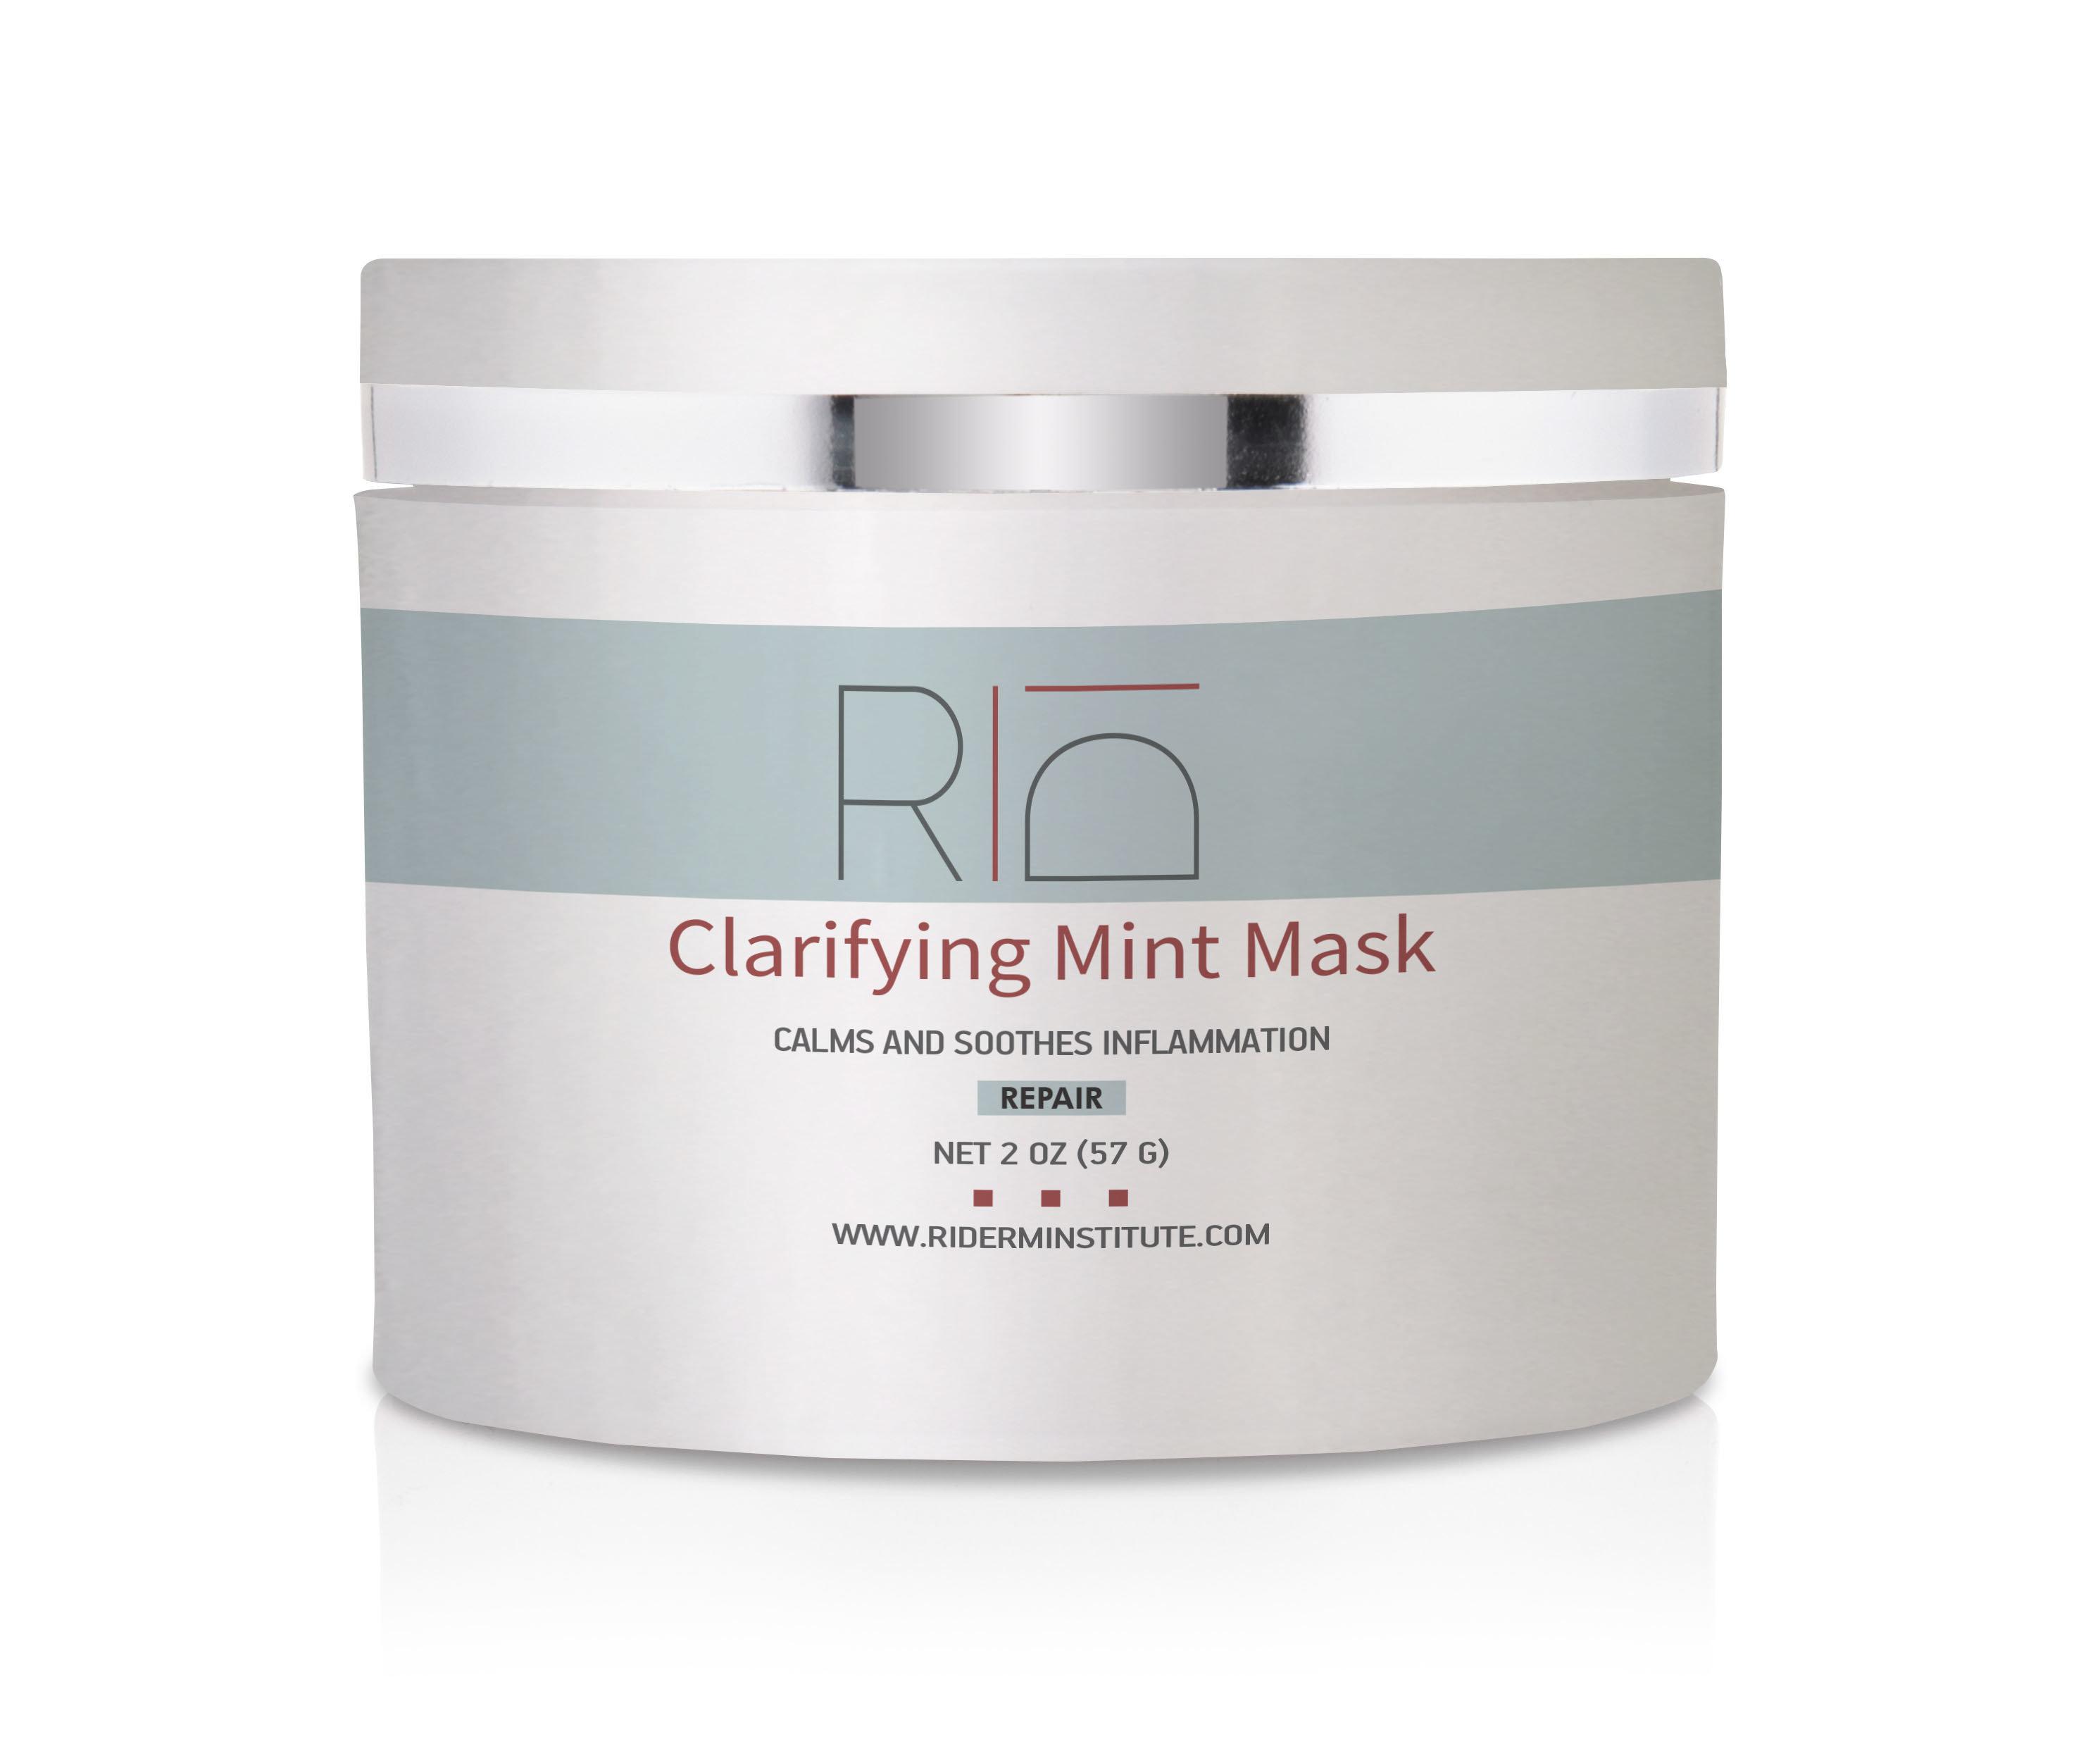 Clarifying Mint Mask 00010